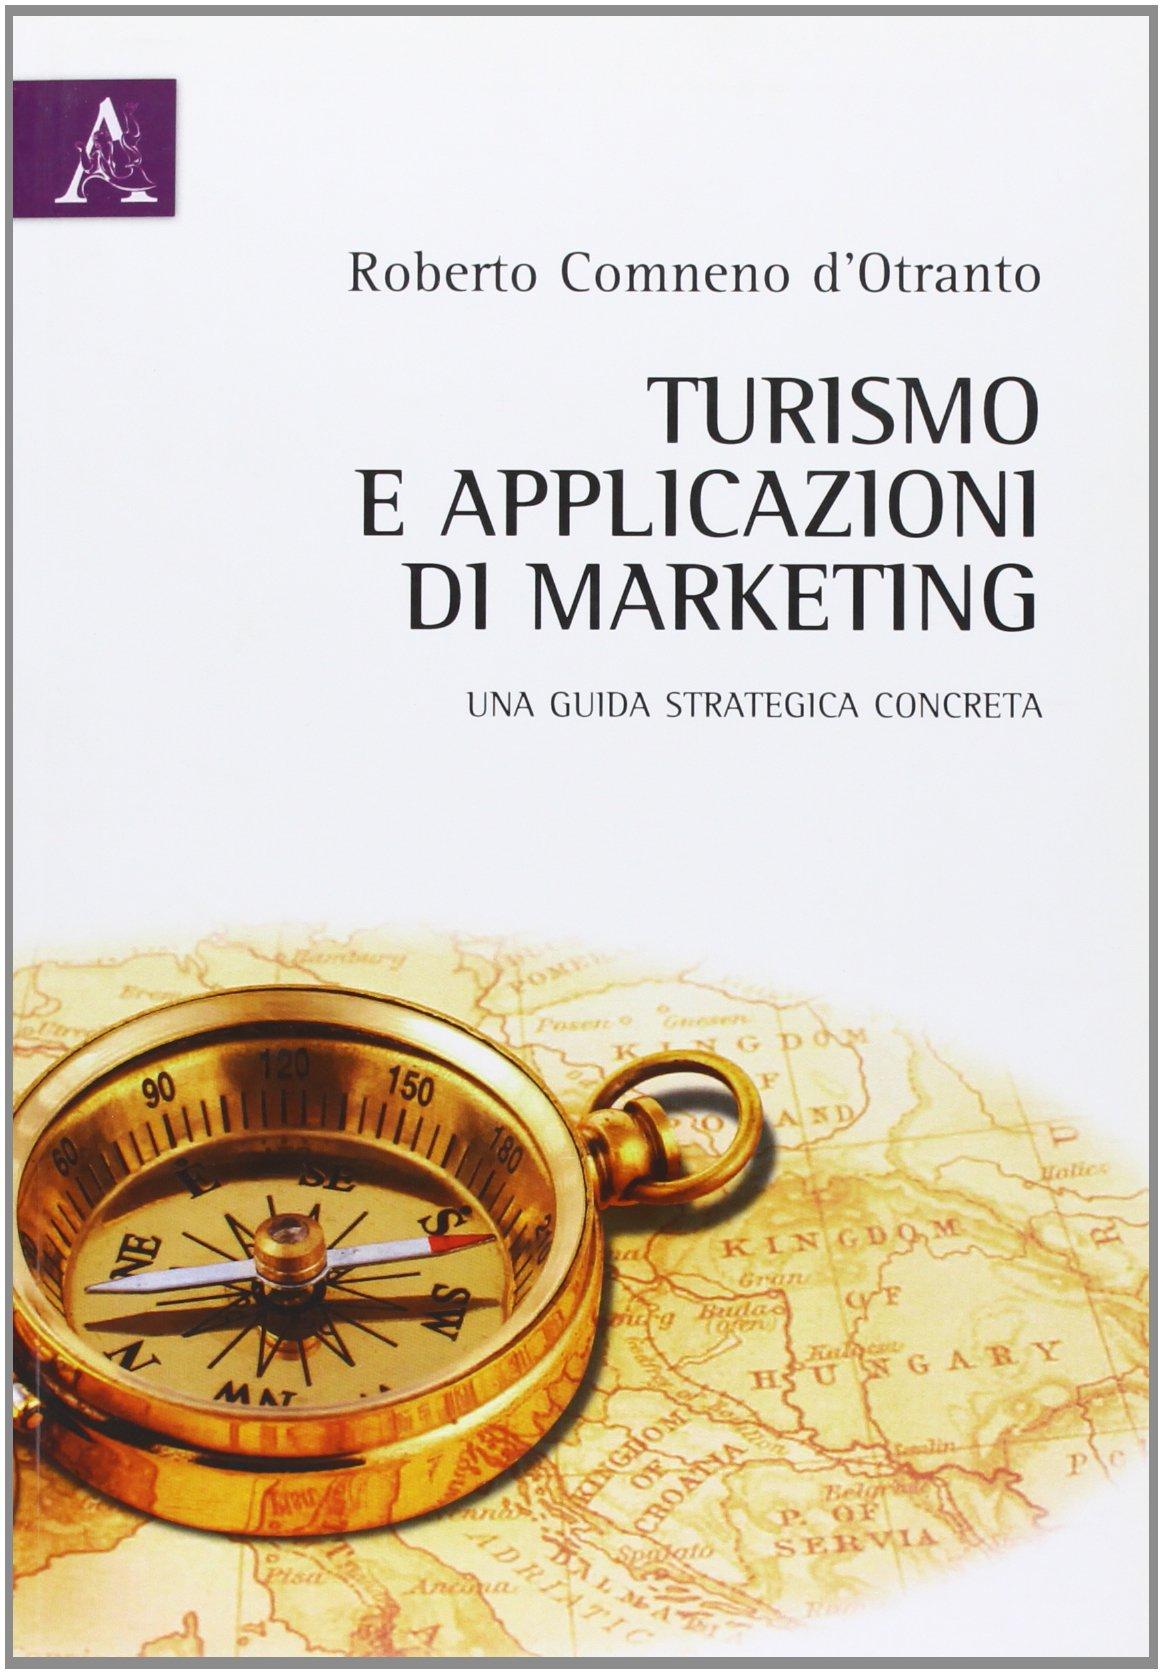 Turismo e applicazioni di marketing. Una guida strategica concreta Copertina flessibile – 31 mar 2011 Roberto Comneno d' Otranto Aracne 8854839272 Industria turistica